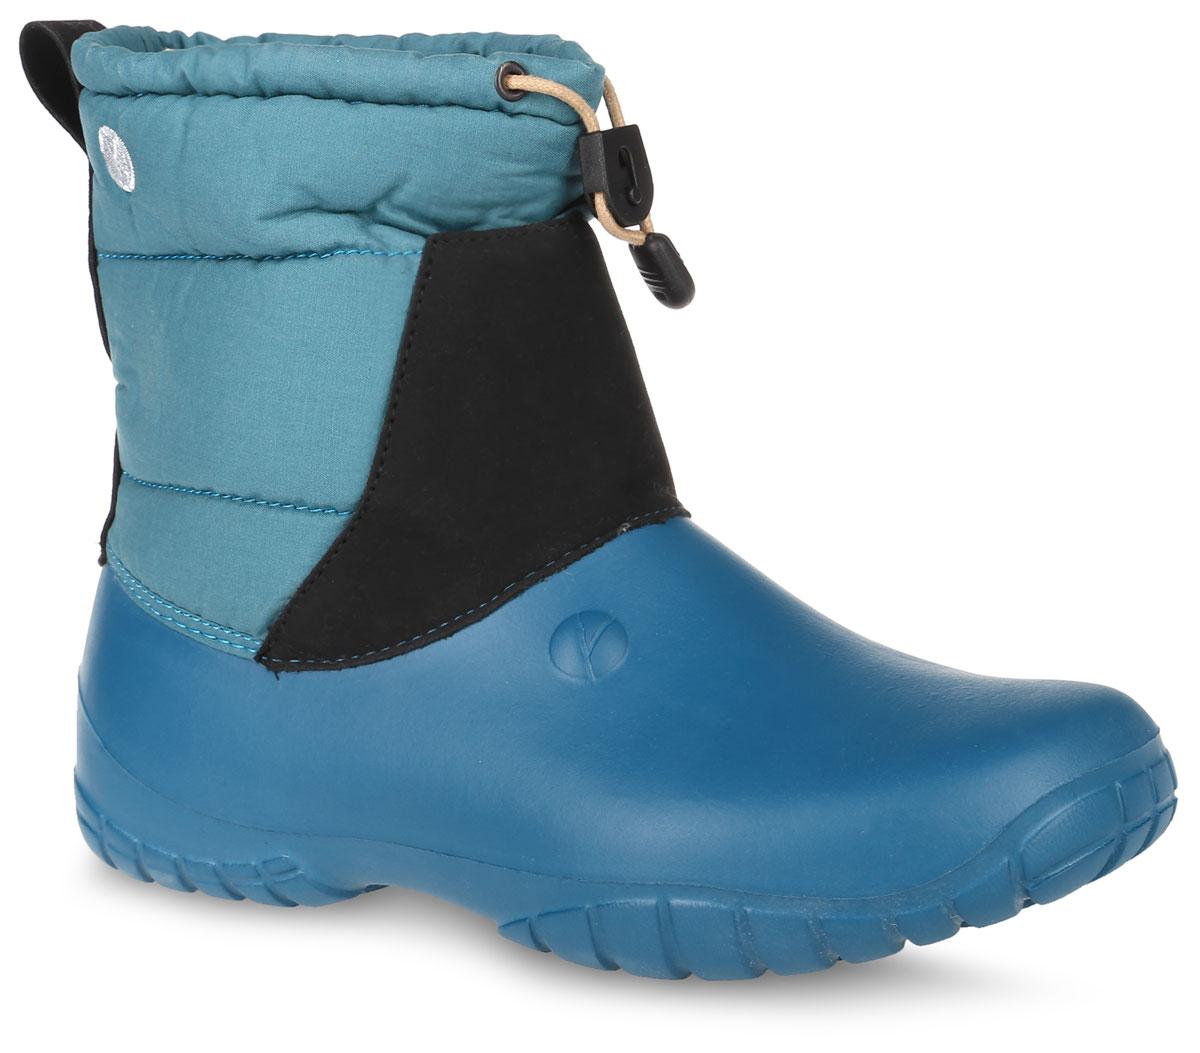 Дутики мужские резиновые OYO, цвет: голубой, черный. 1СТН. Размер 431СТНДутики от OYO выполнены из высококачественного текстиля, который не пропускаем воду и ЭВА-материала. Модель оформлена прострочкой. Объем голенища регулируется с помощью шнурка с бегунком. Внутренняя поверхность и стелька выполнены из искусственной шерсти, которая обеспечит тепло. Подошва изготовлена из легкого ЭВА-материала и оснащена протектором, который обеспечит отличное сцепление с любой поверхностью.